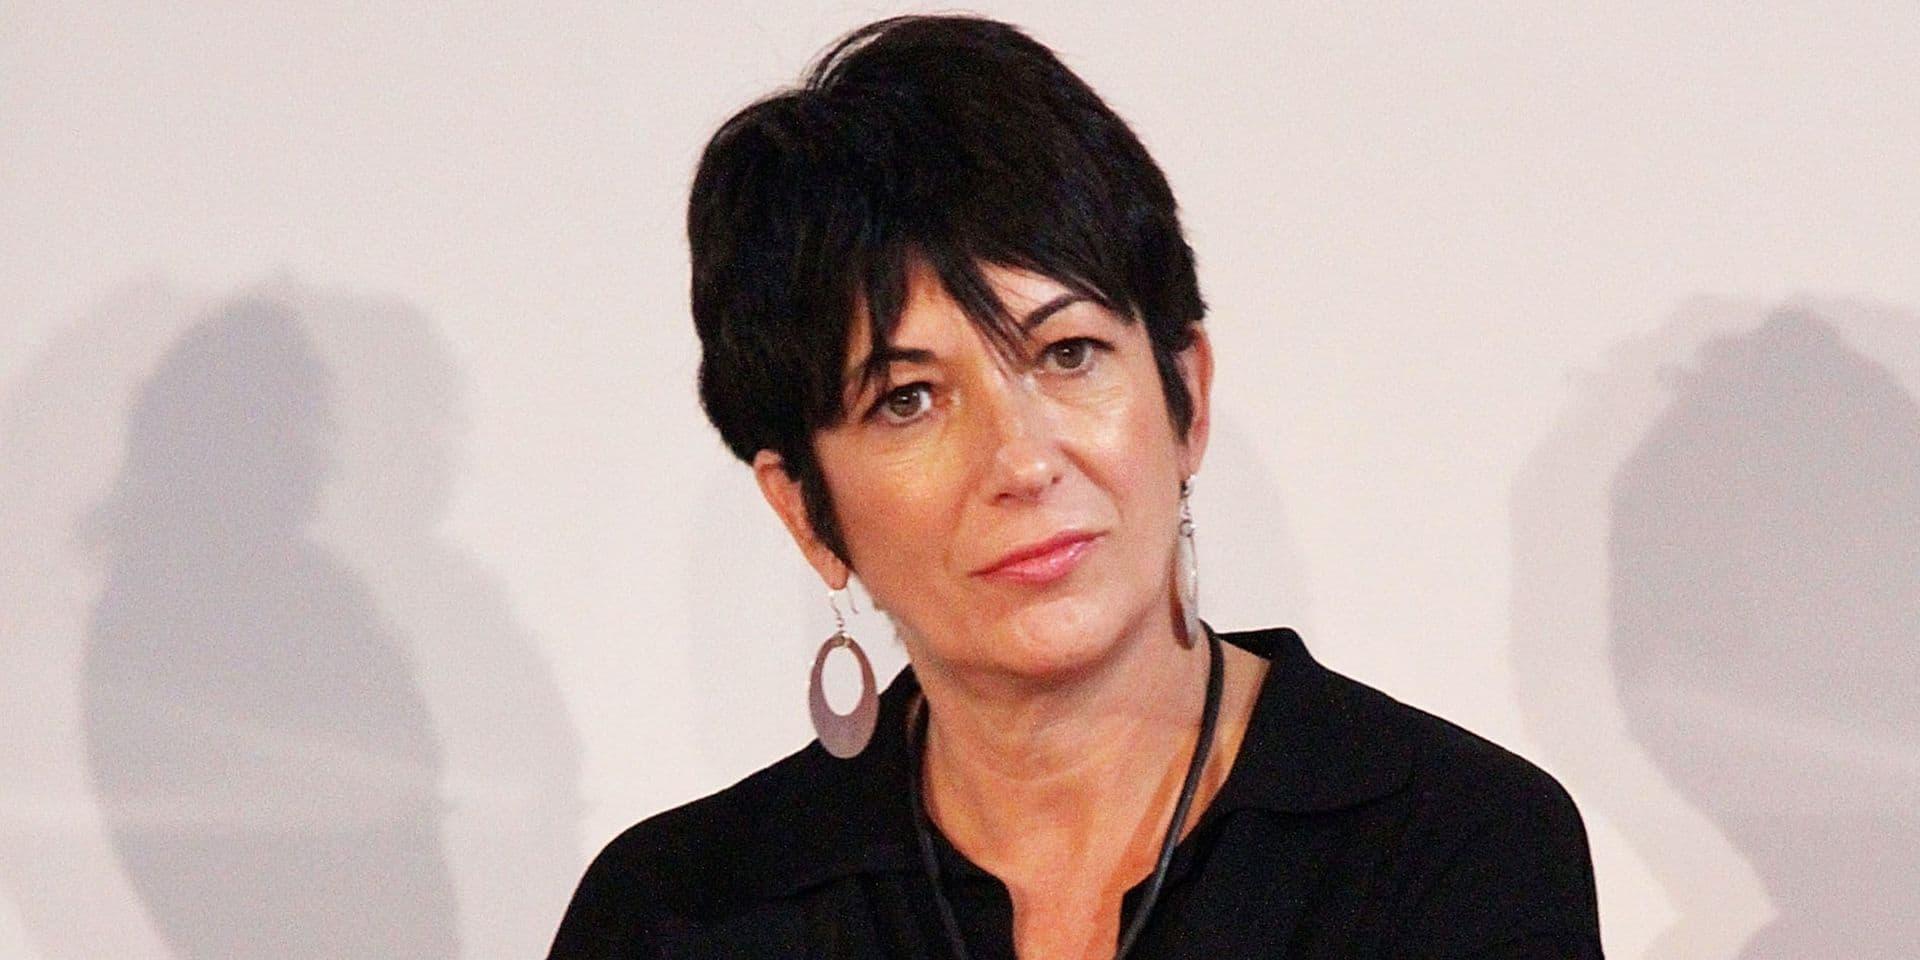 Première audience pour l'ex-collaboratrice d'Epstein fixée au 14 juillet